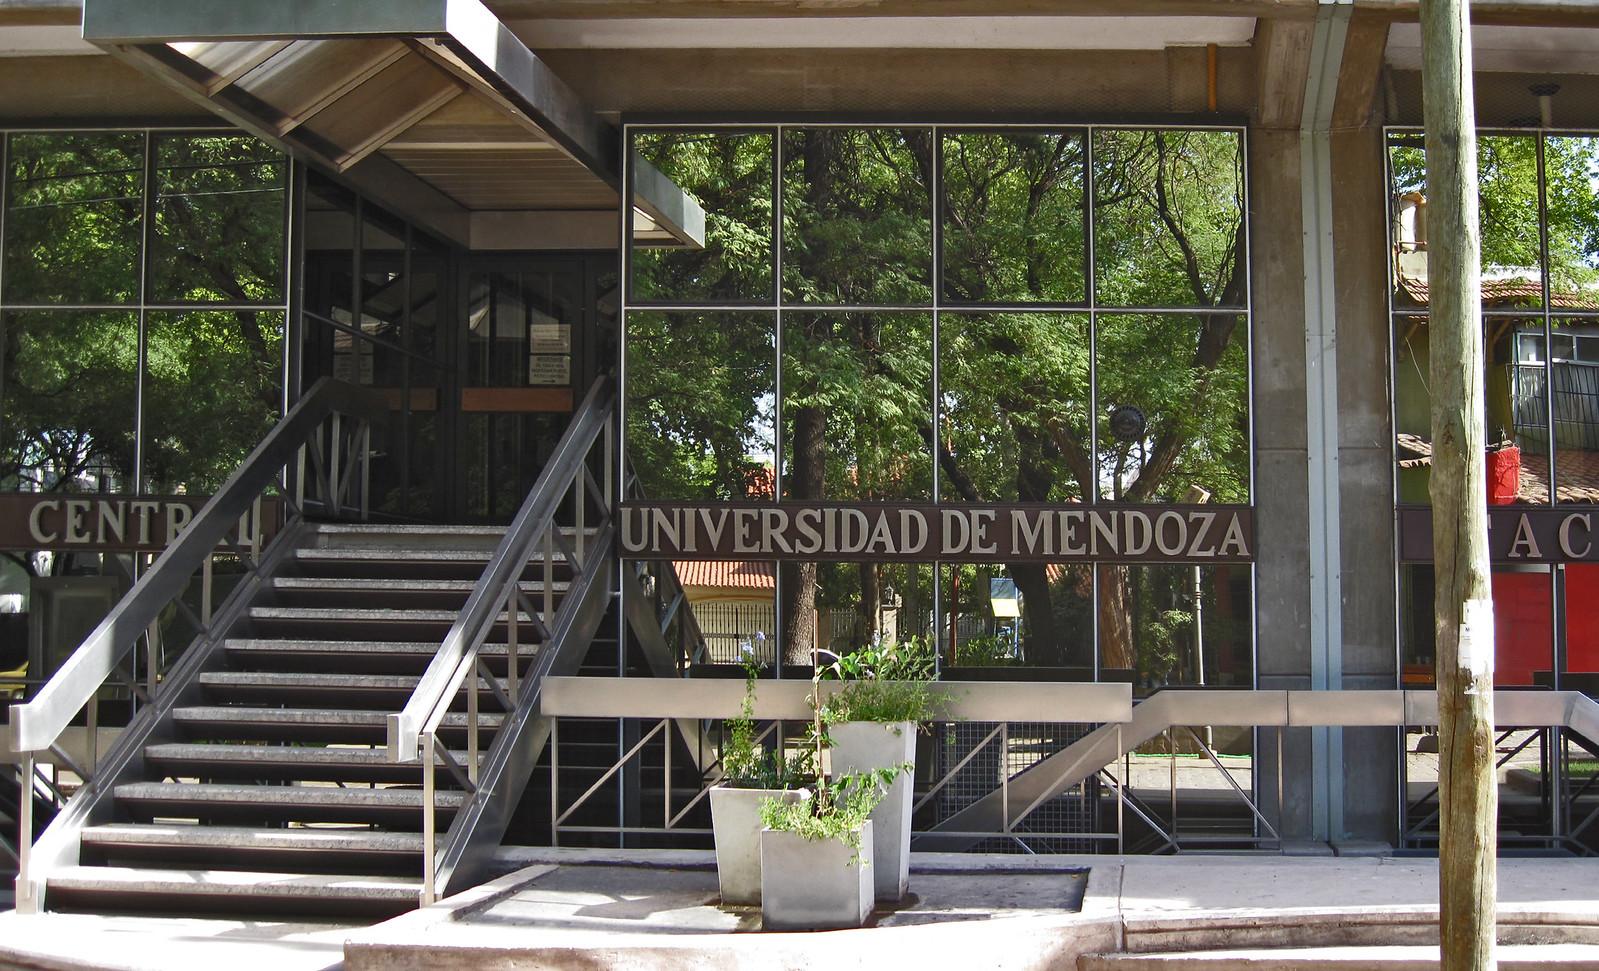 Mendoza 009